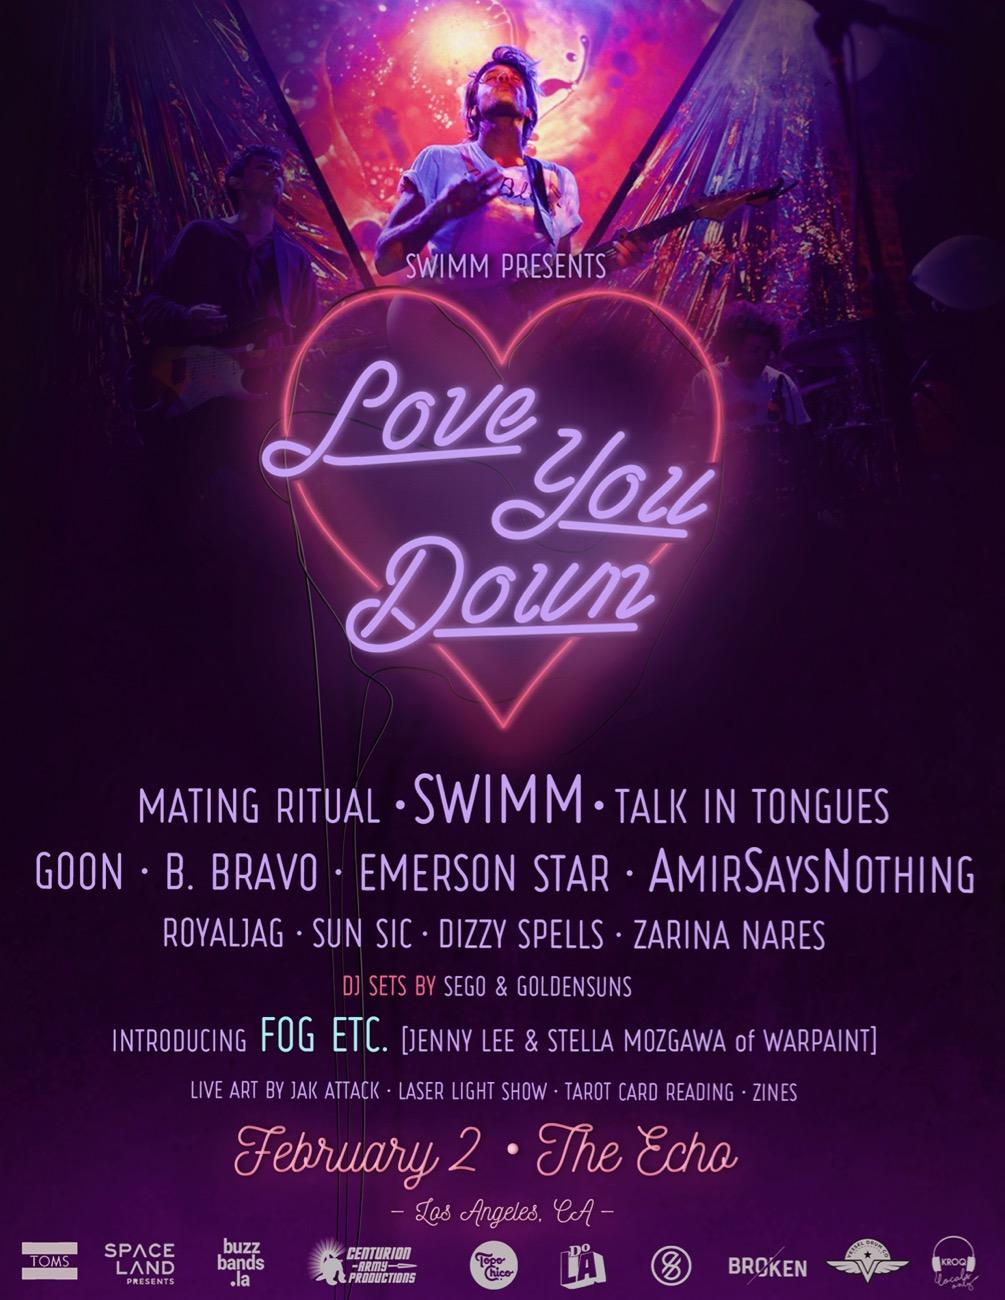 SWIMM presents Love You Down II.